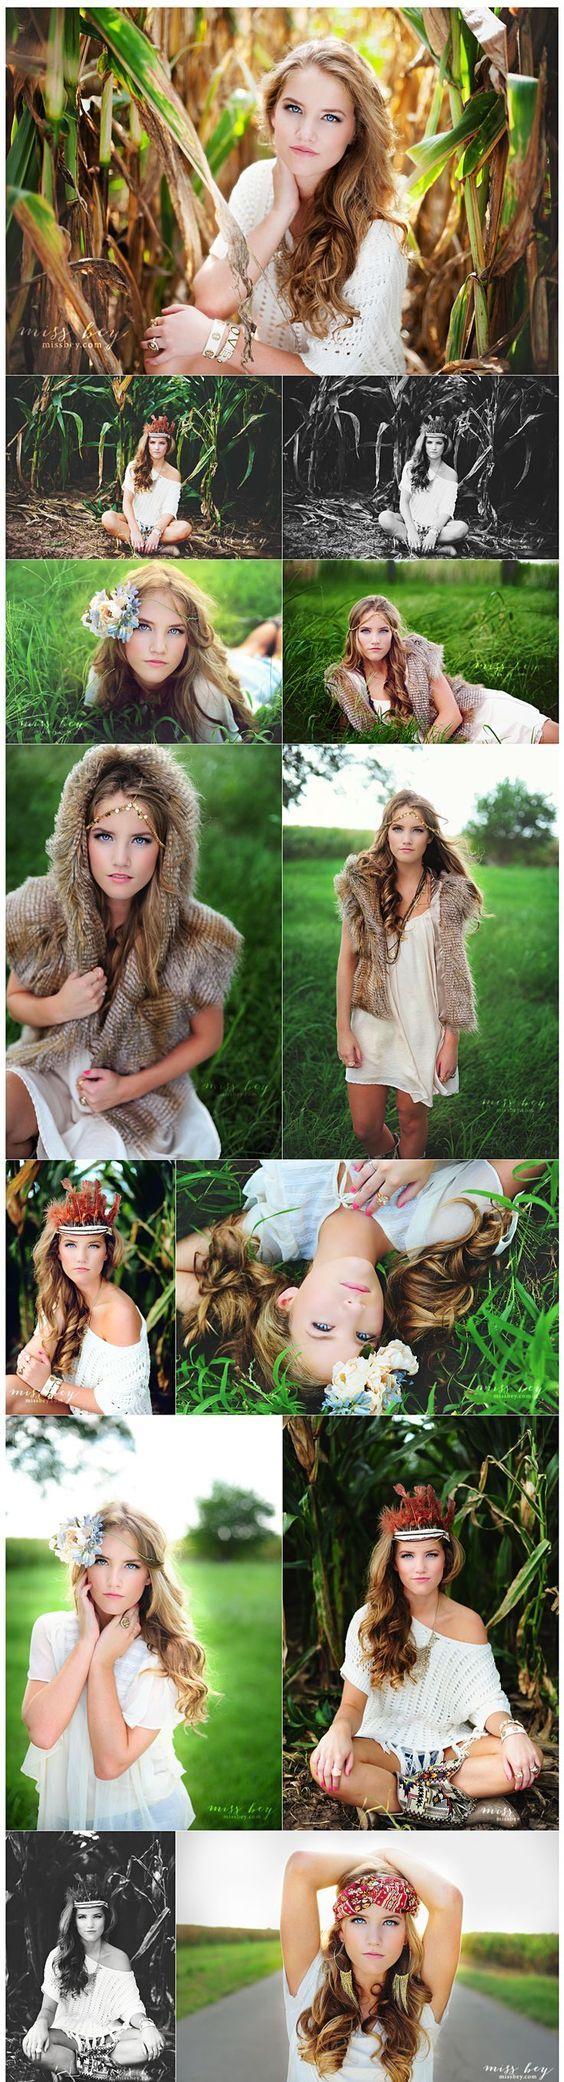 2014 Senior Girl Session Style • Arkansas Senior Photographer